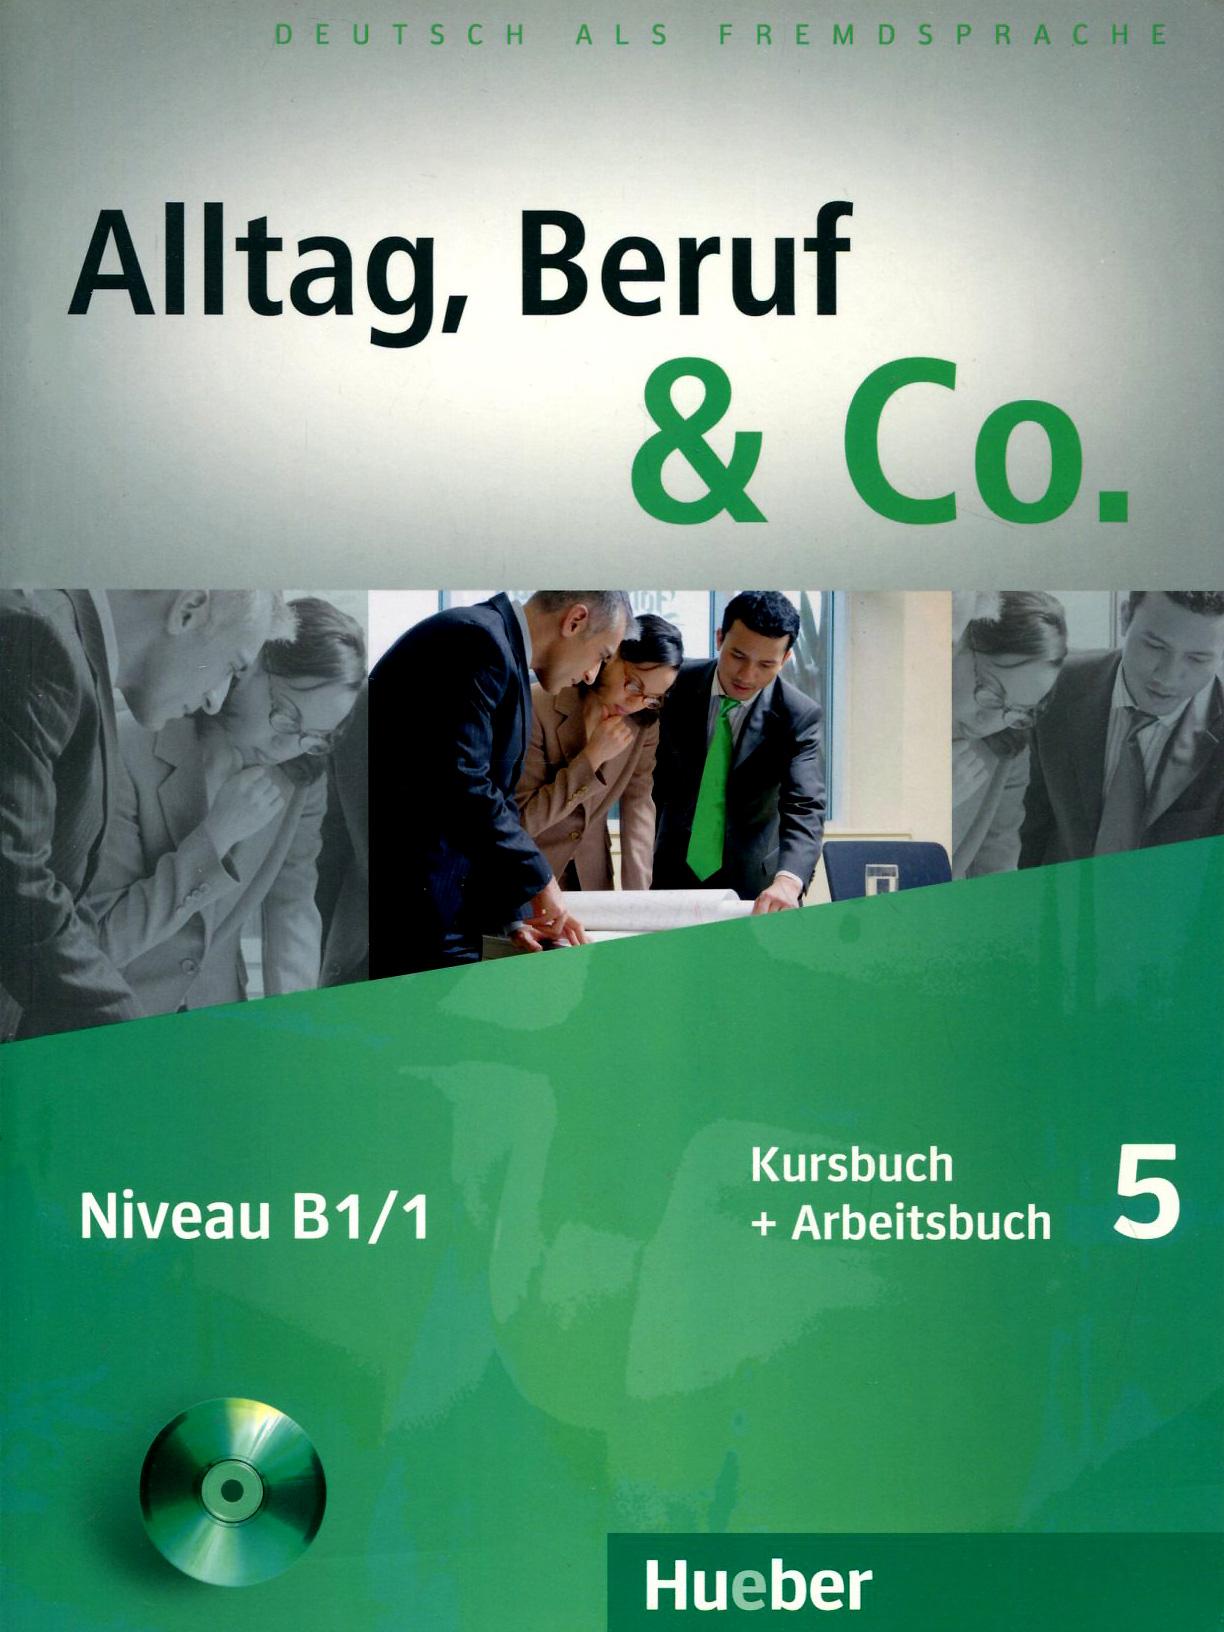 Alltag, Beruf & Co.: Kursbuch + Arbeitsbuch 5: Niveau B1/1 (+ CD-ROM) bosch bbz 11 bf